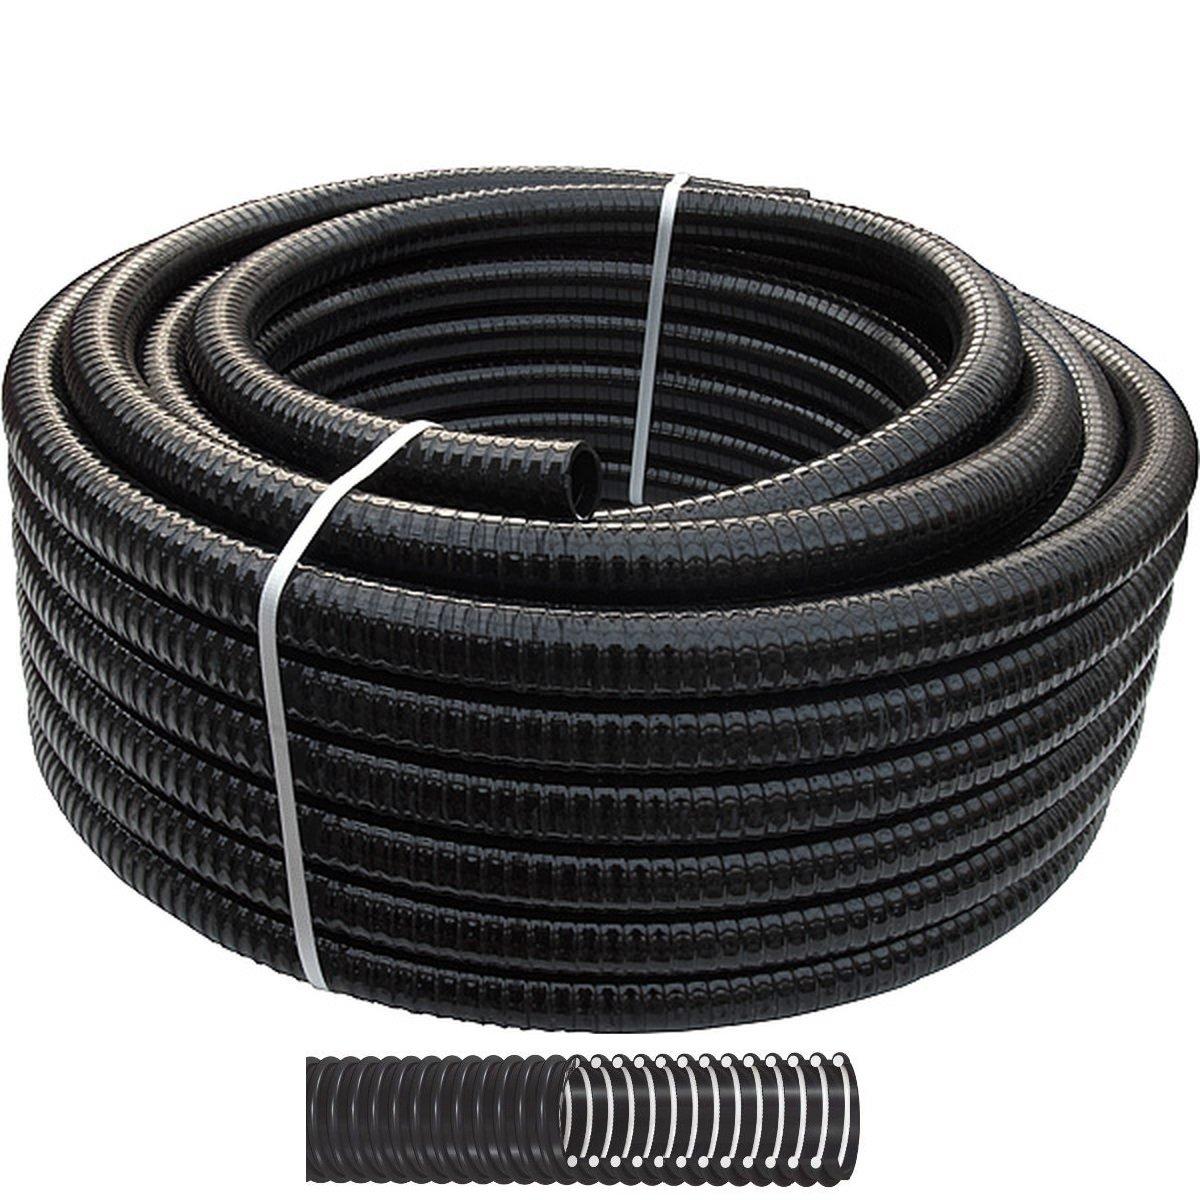 REHAU Teichschlauch schwarz 3/4' (19mm) 15m Spiralschlauch flexibel für z.B. Bachläufe